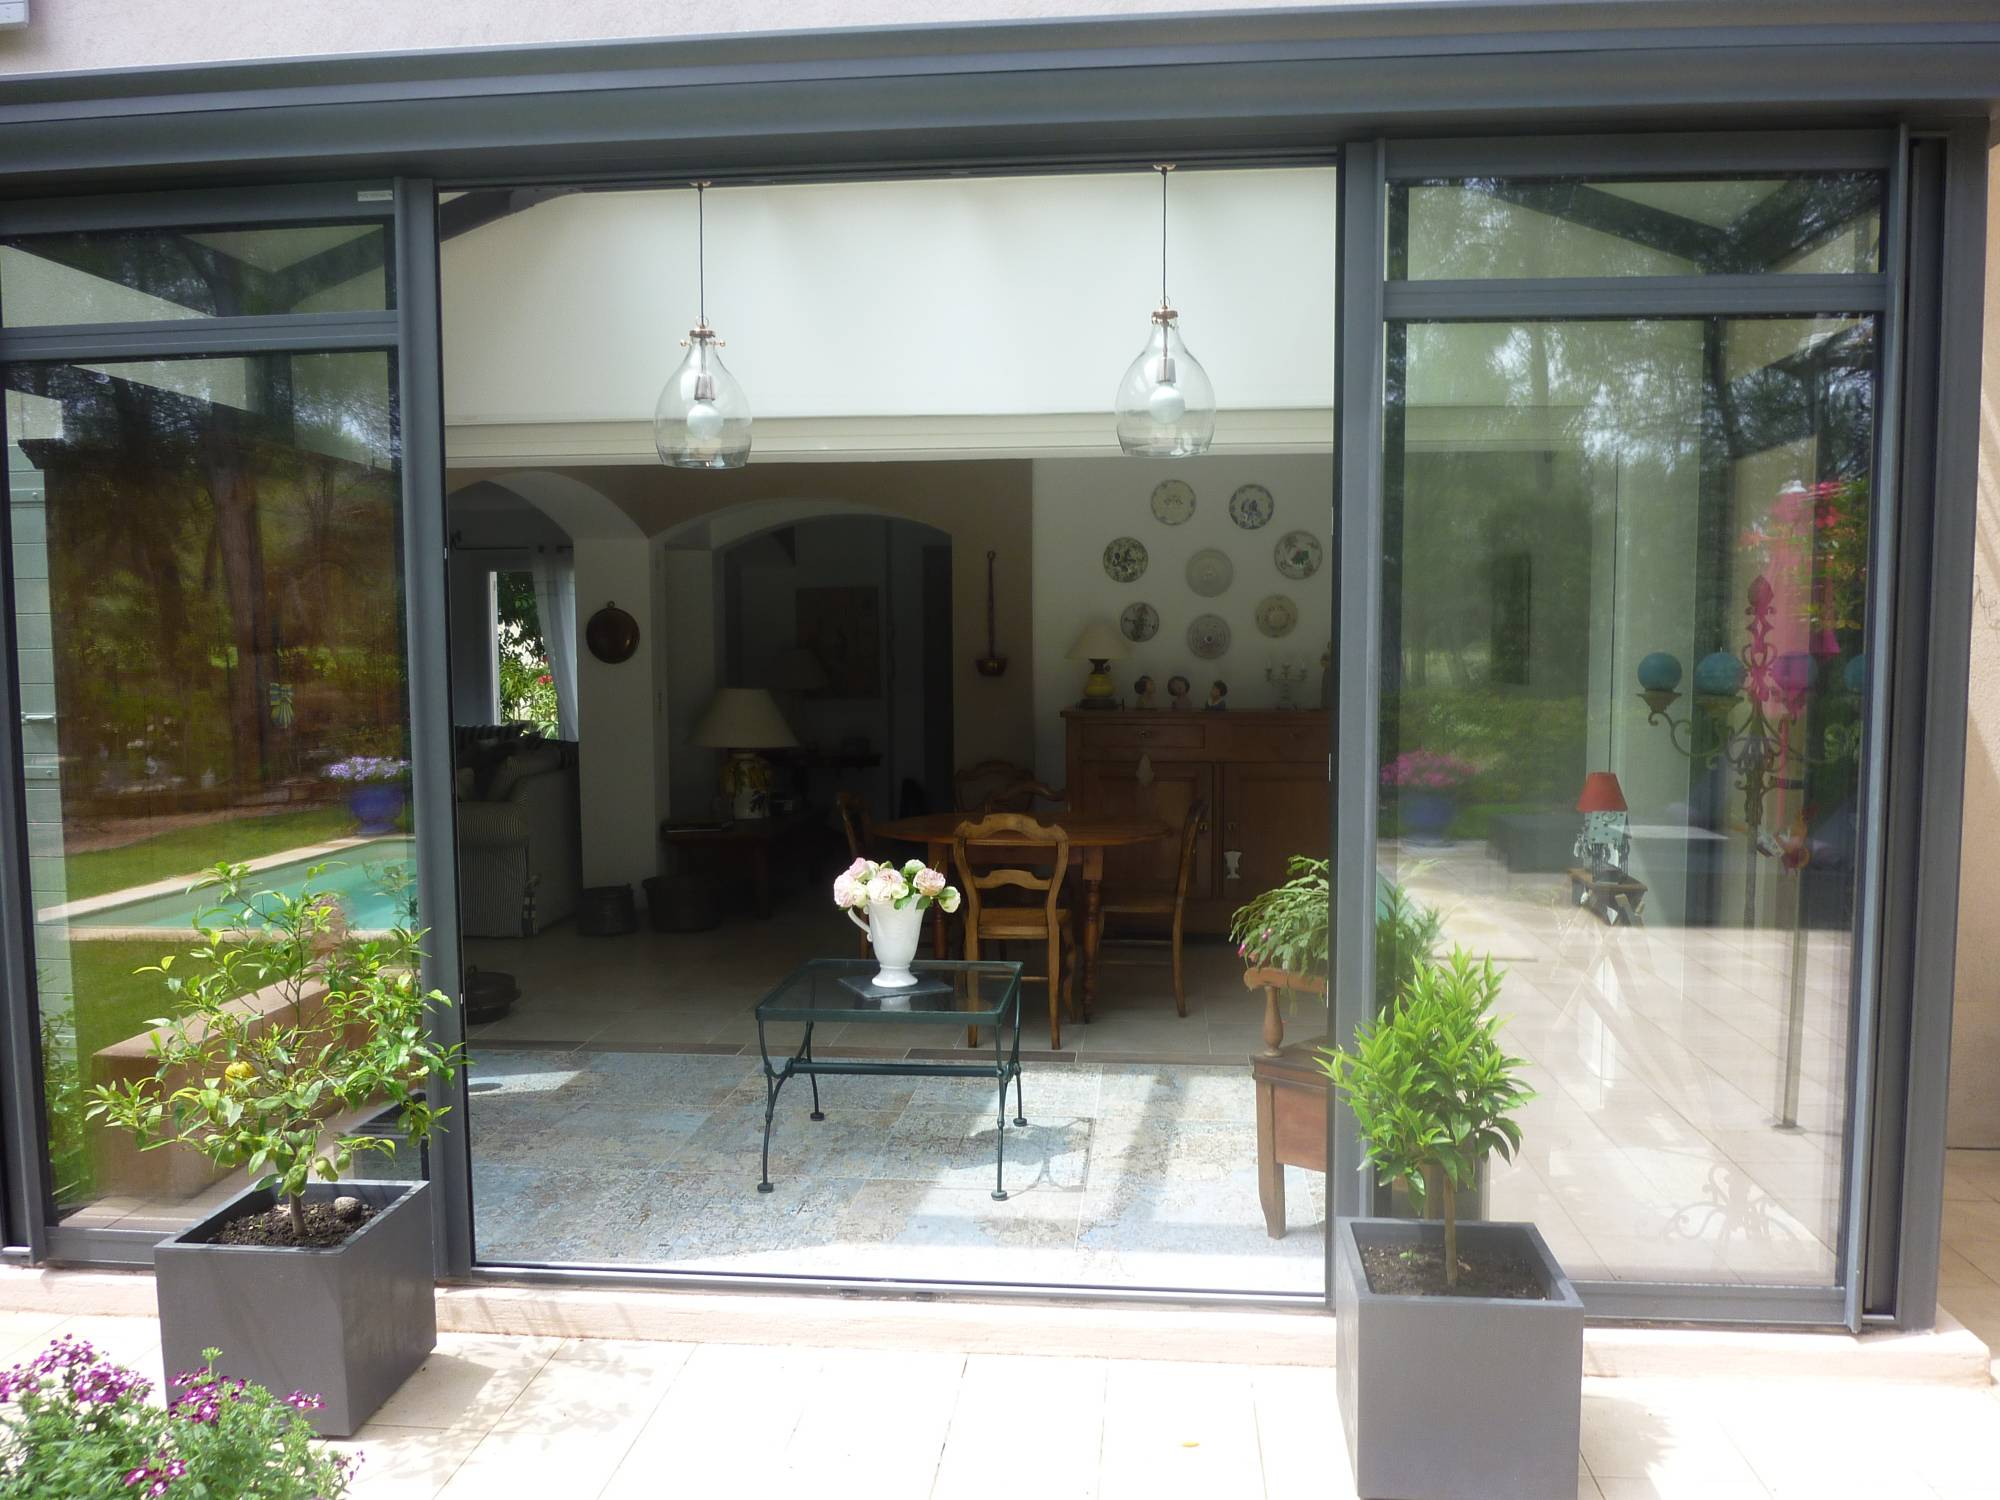 Carrelage Deco Dans Une Veranda Aix En Provence Carrelage Interieur Et Exterieur A Eguilles Salle Bain Cuisine Et Terrasse